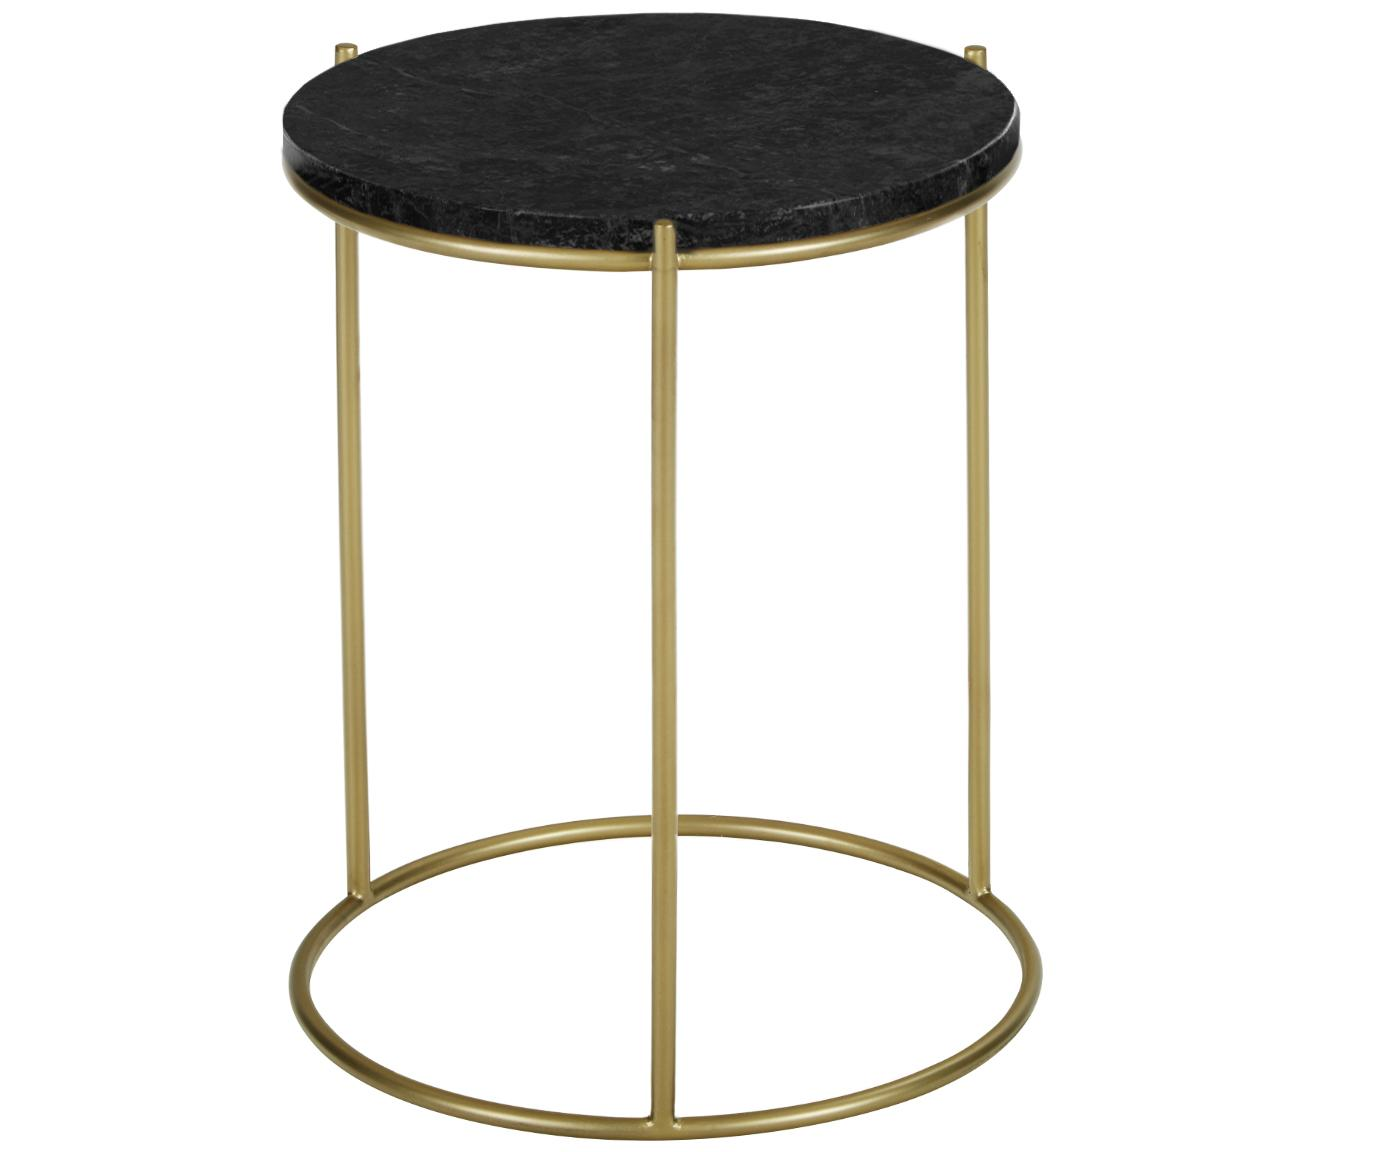 Runder Marmor-Beistelltisch Ella, Tischplatte: Marmor, Gestell: Metall, pulverbeschichtet, Tischplatte: Schwarzer Marmor Gestell: Goldfarben, matt, Ø 40 x H 50 cm